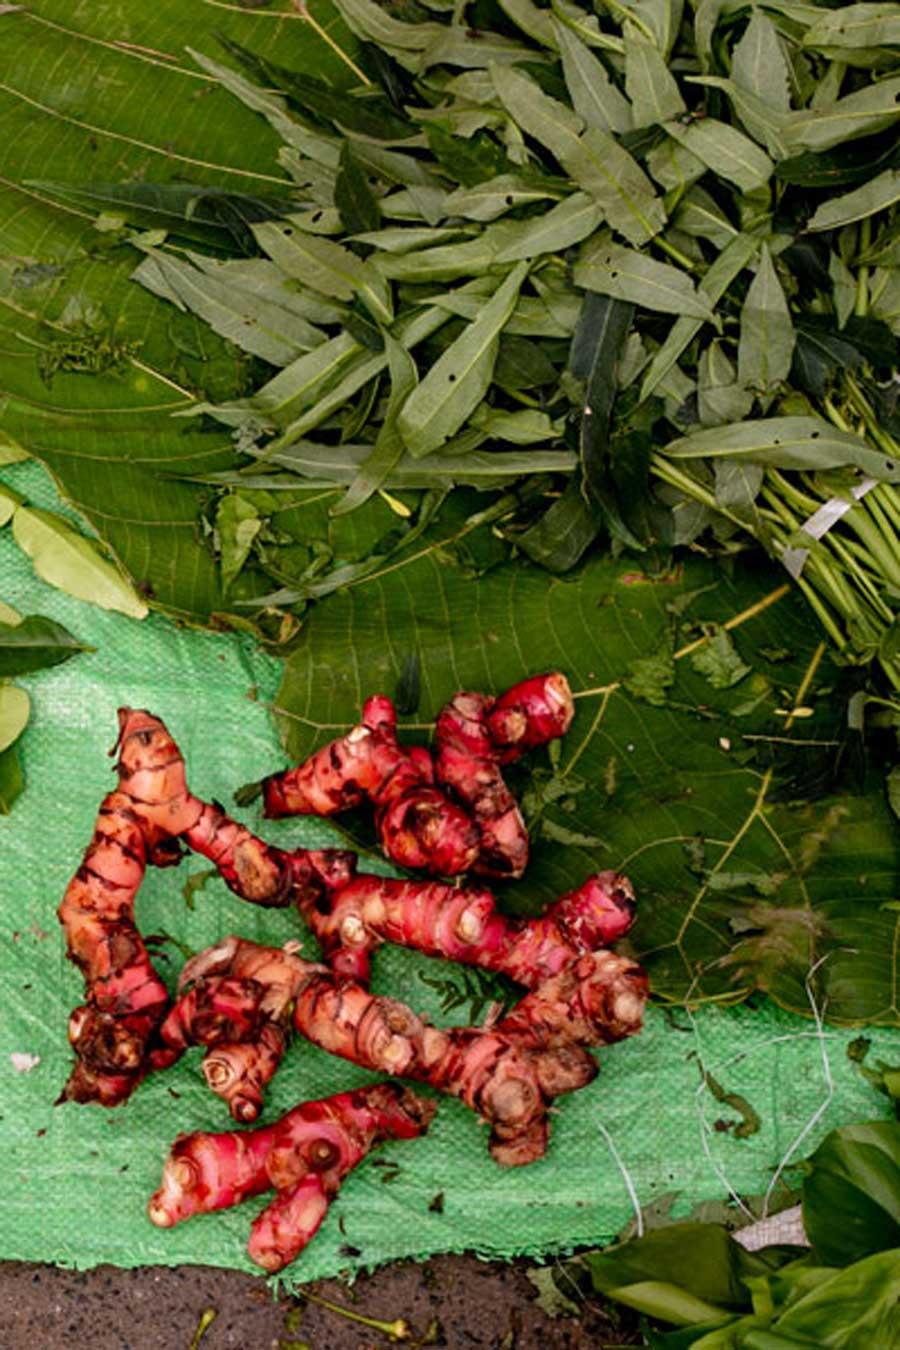 Racines de gingembre rouge posés sur une toile verte